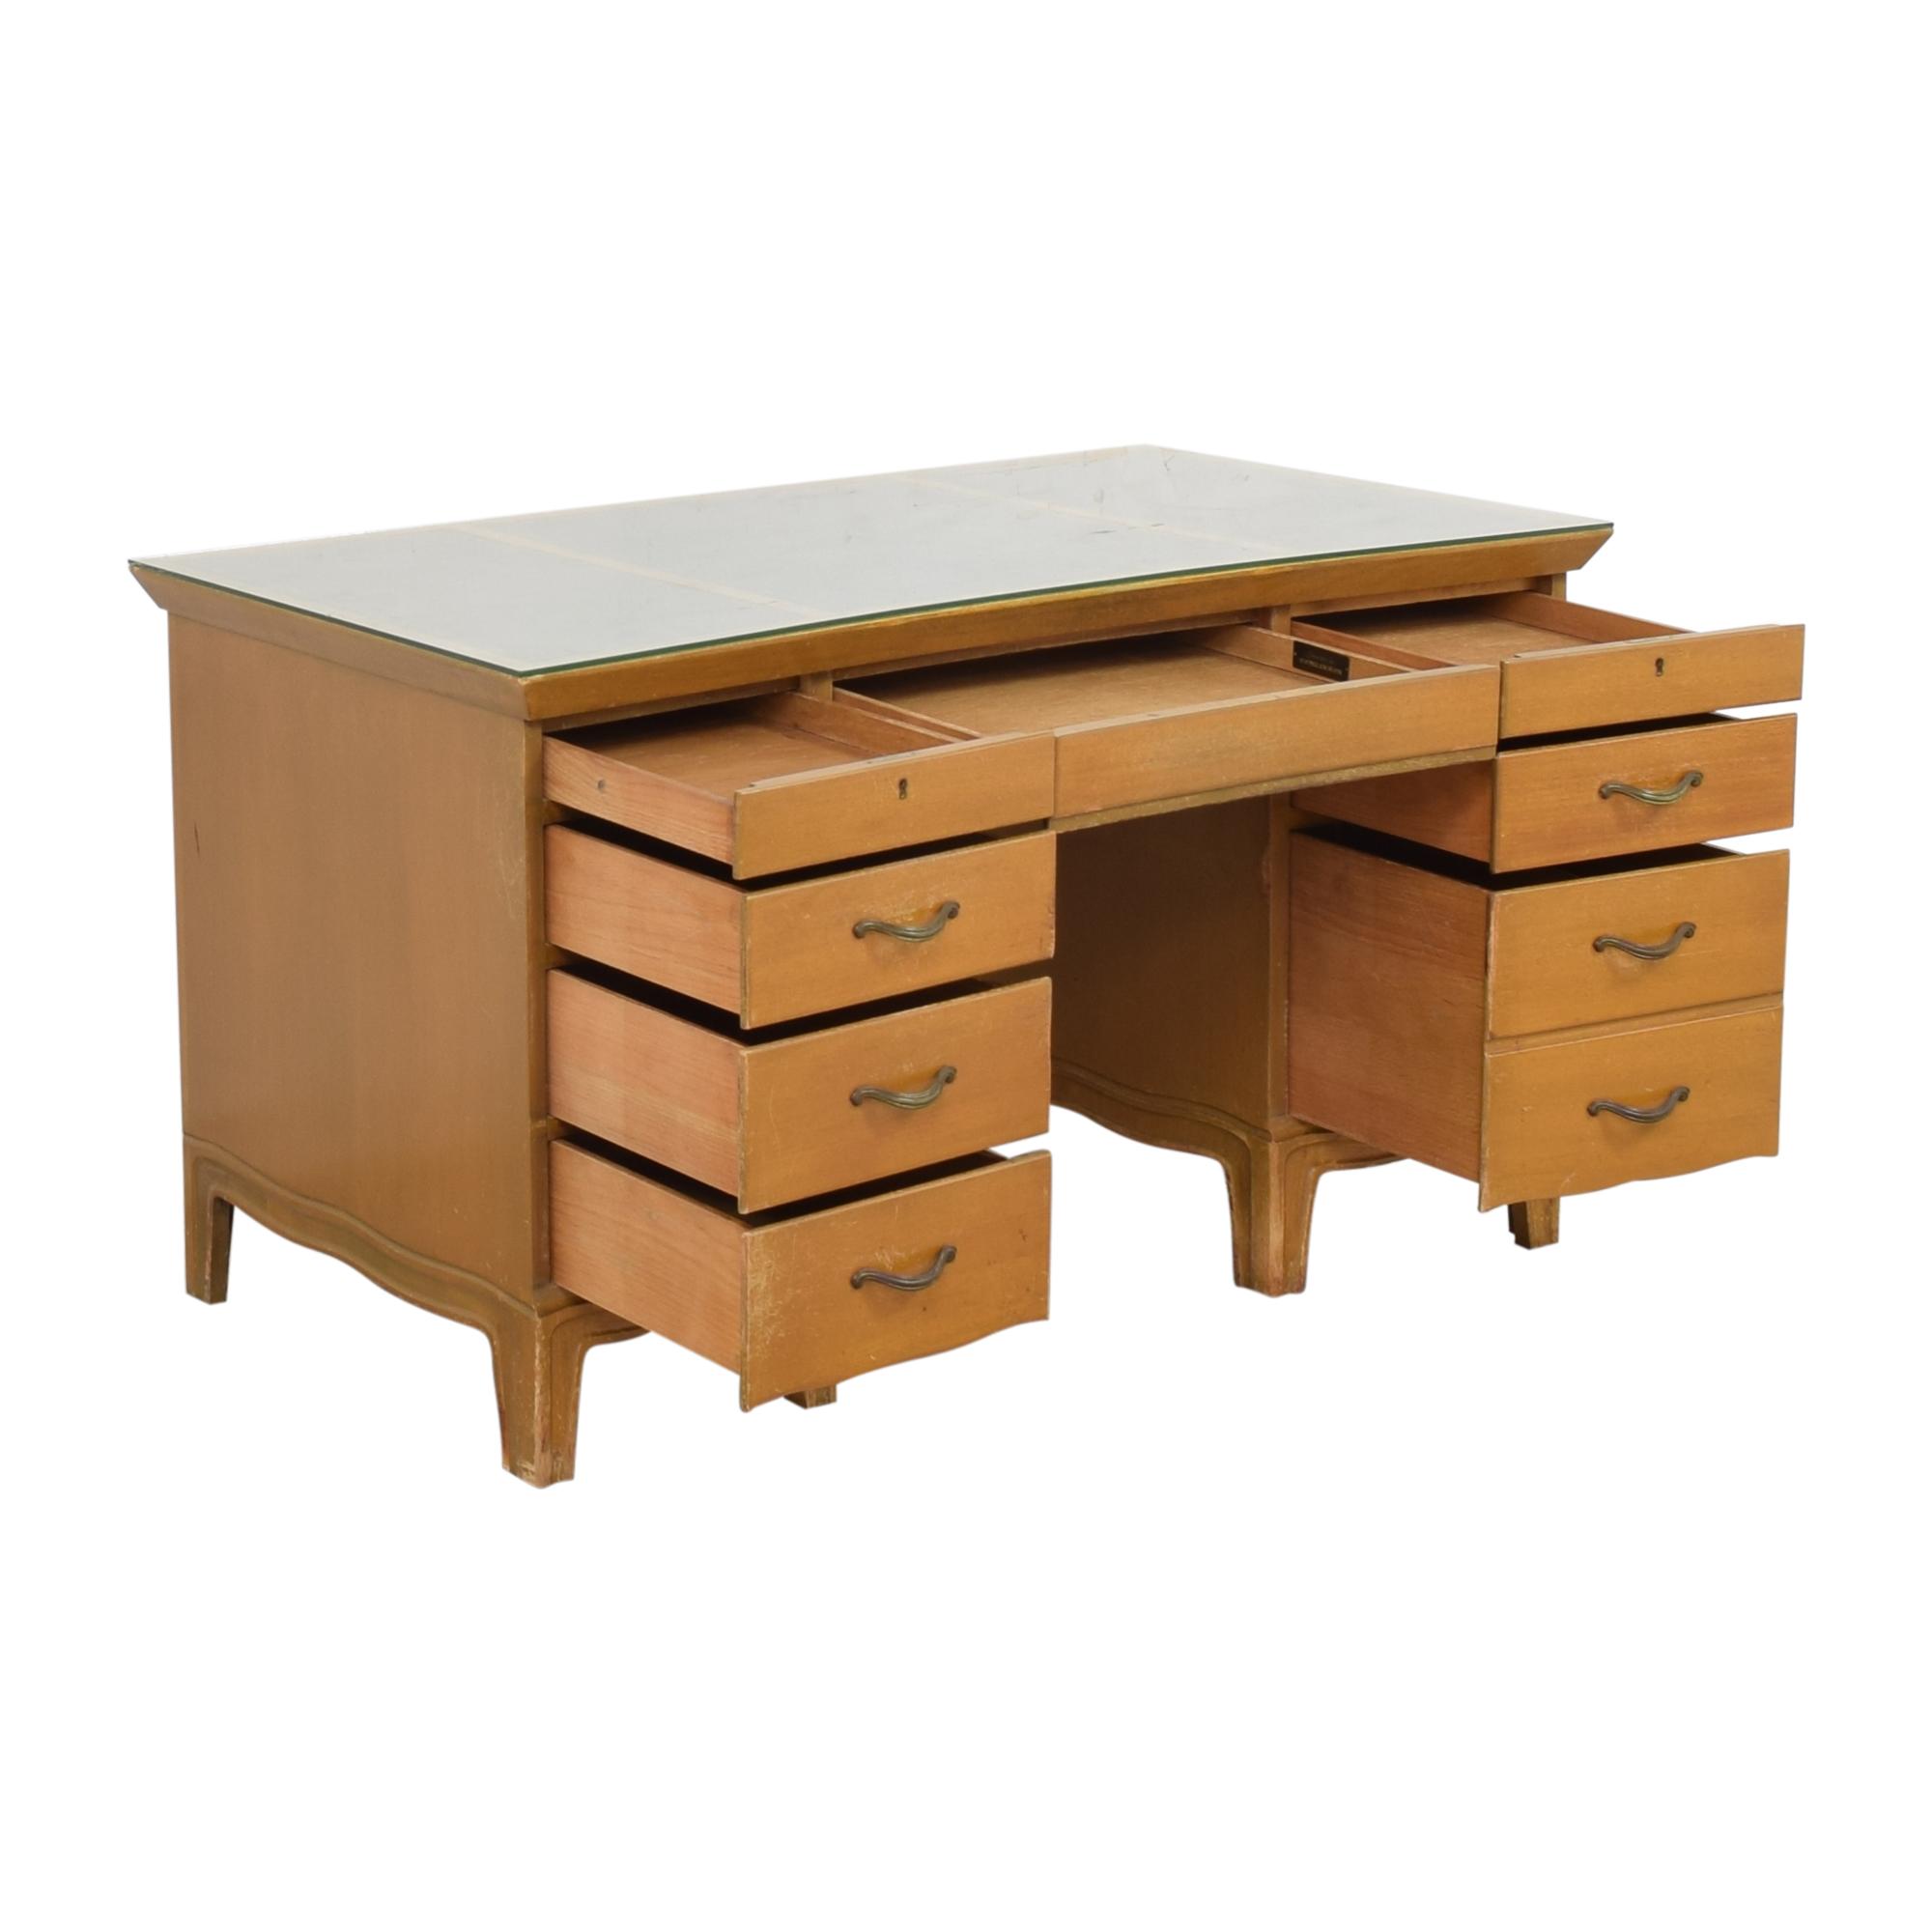 Tomlinson Tomlinson Vintage Double Pedestal Desk for sale